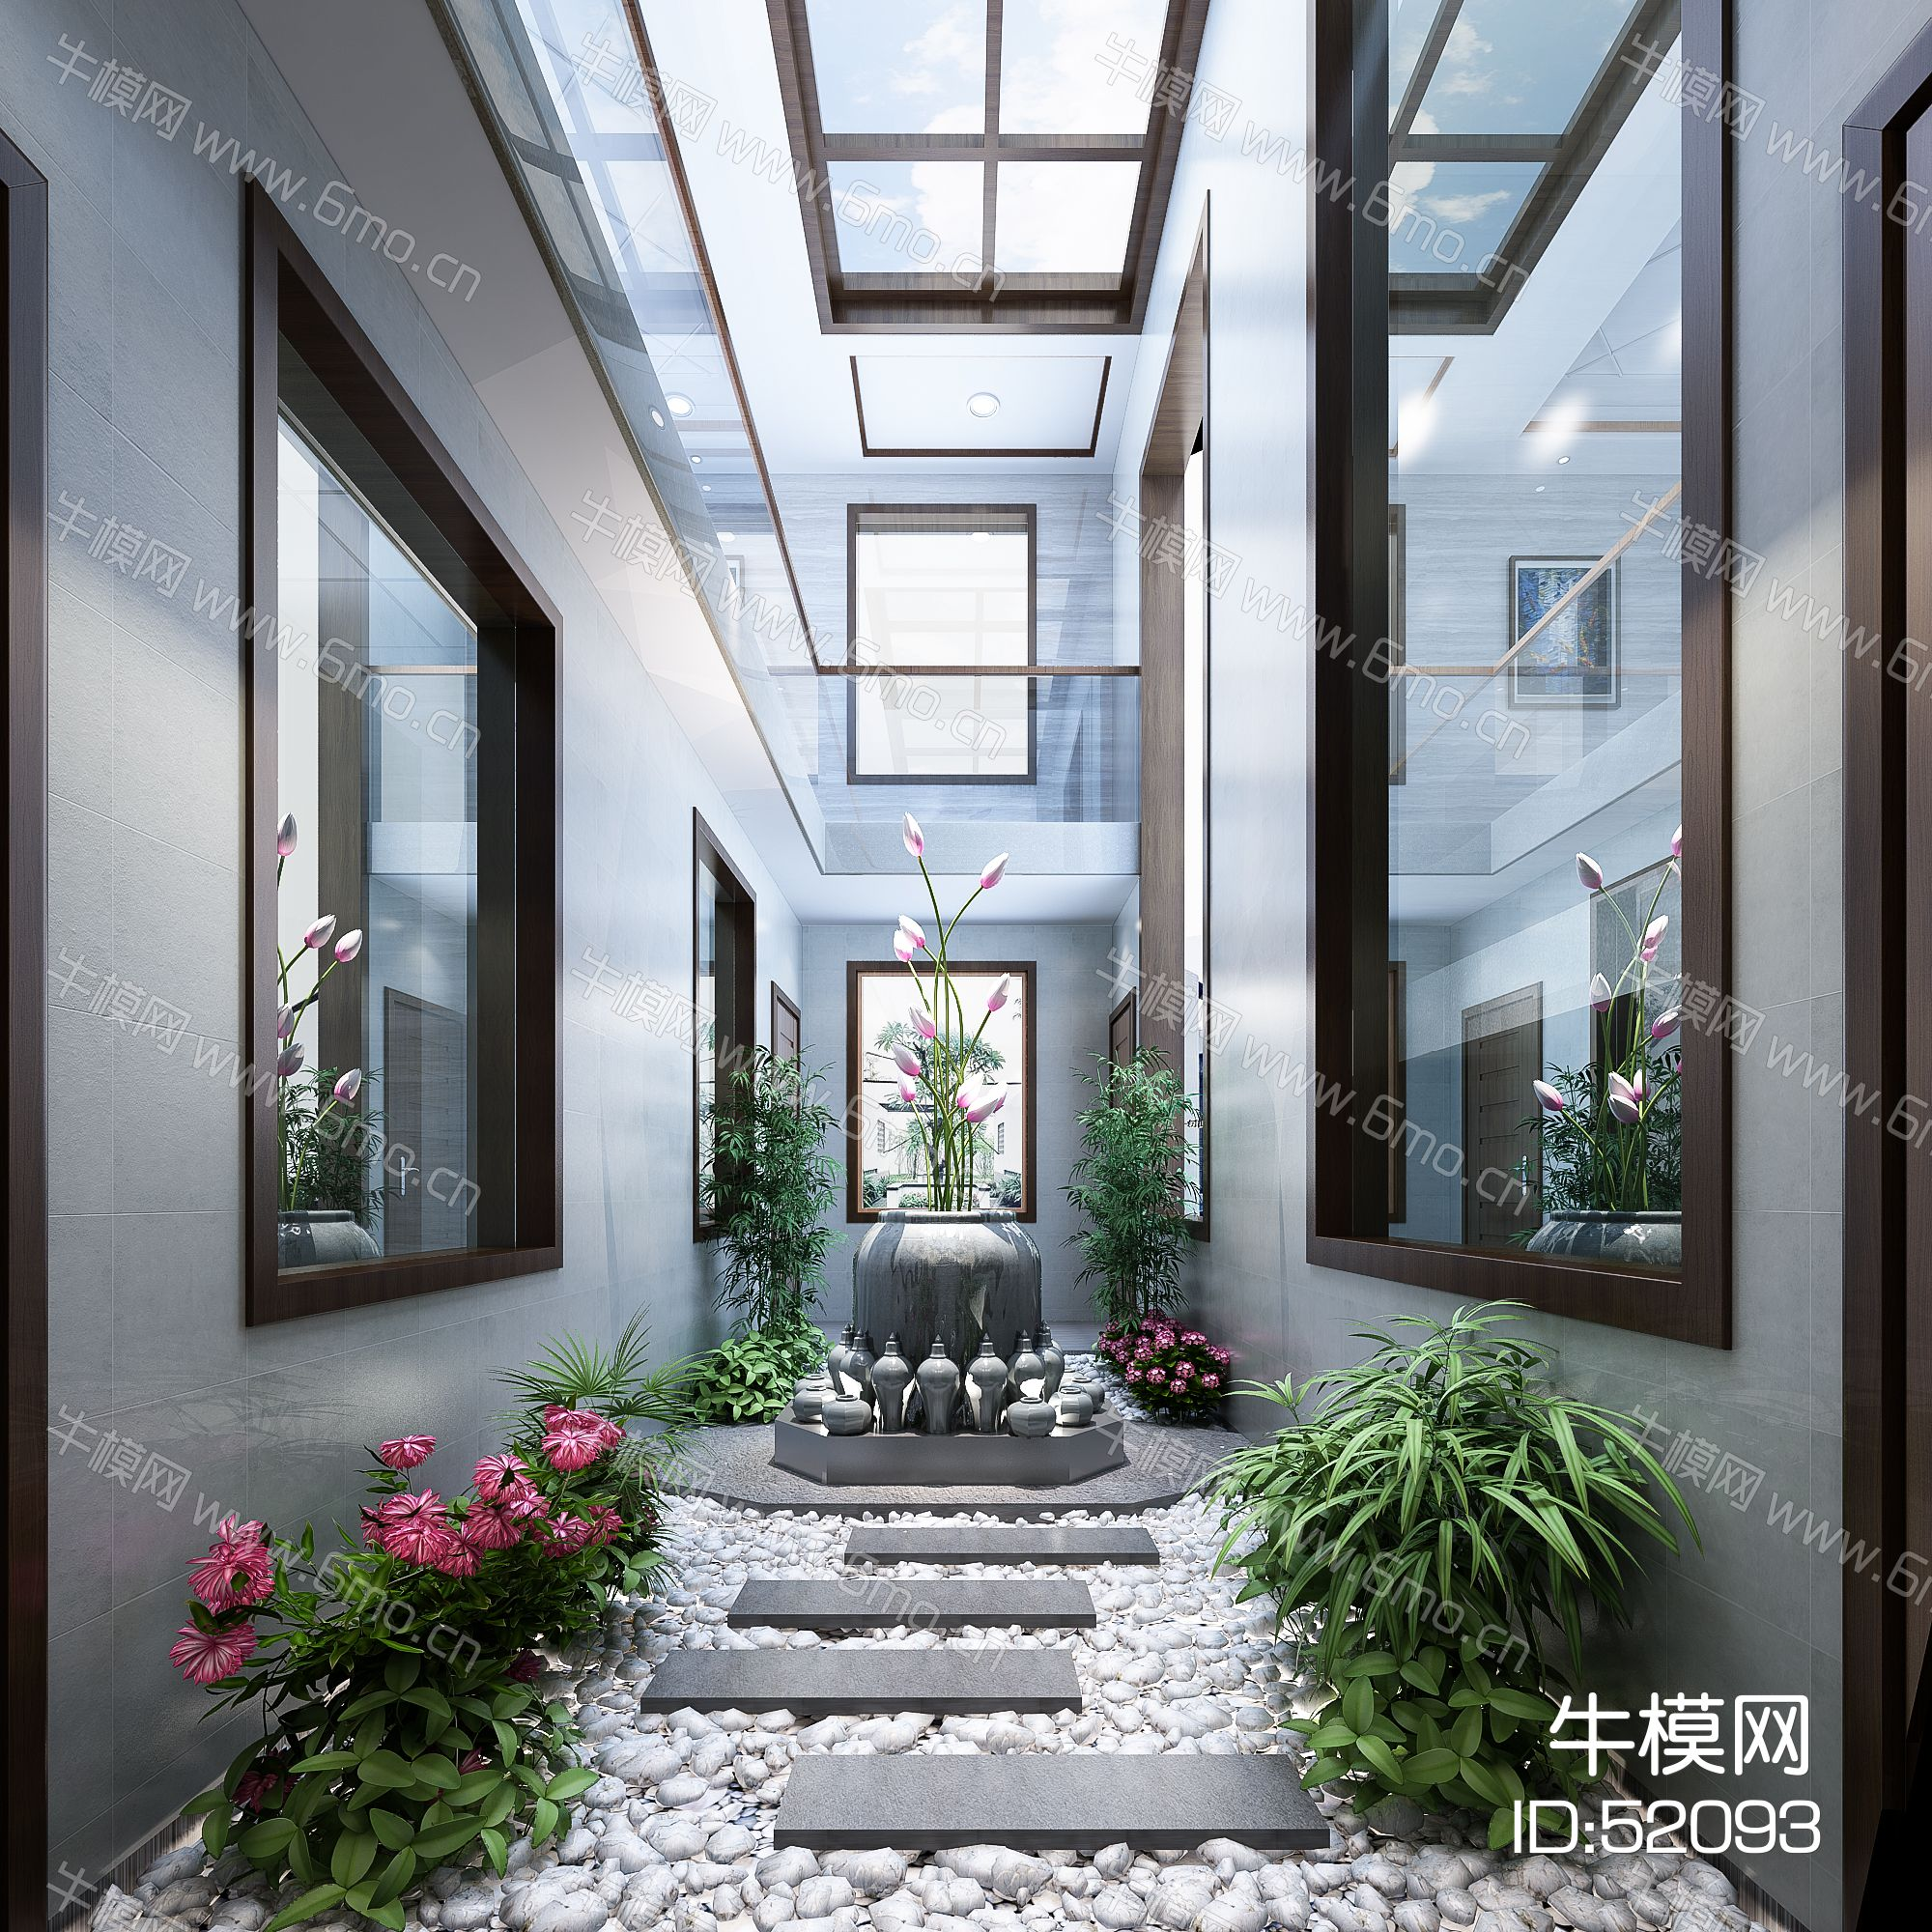 新中式天井景观  阳光房  绿植  石头  台阶